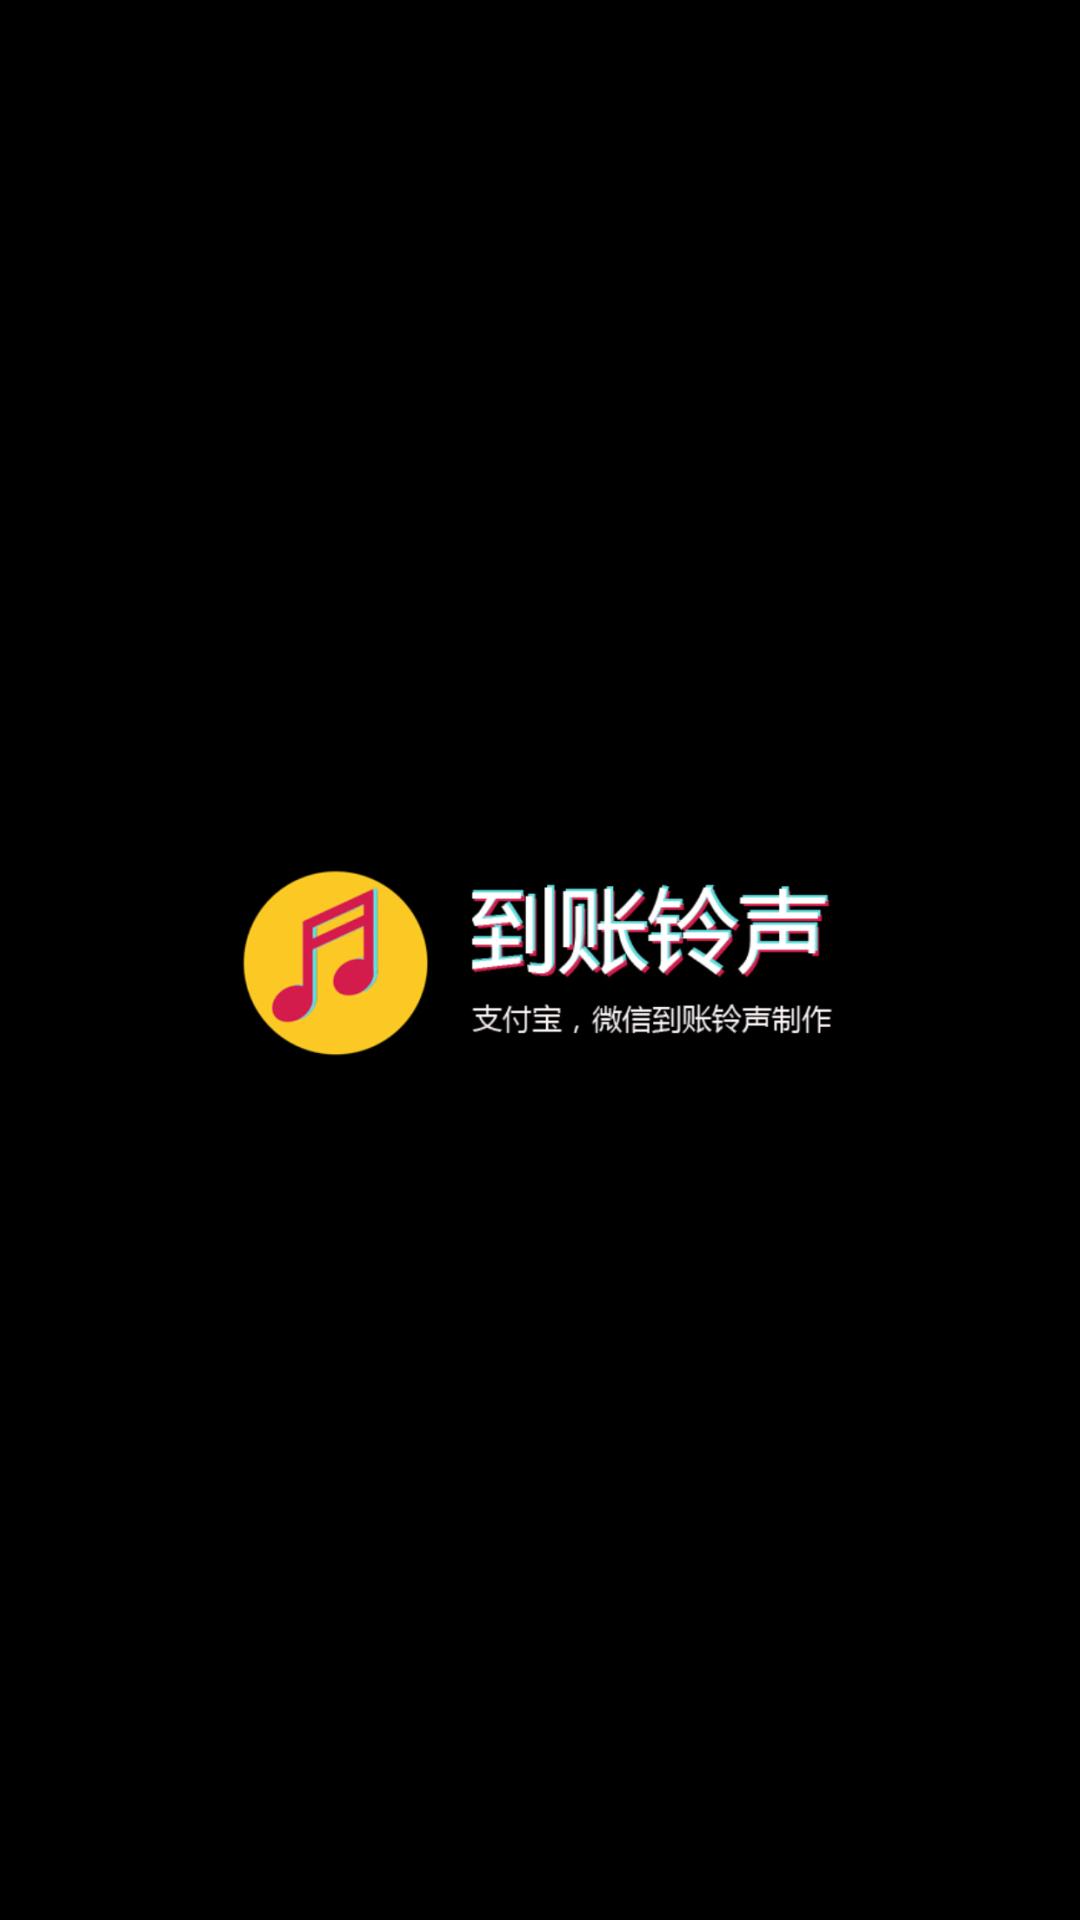 776手机电影网_到账铃声制作(com.lexun99.ling) - 1.11 - 应用 - 酷安网